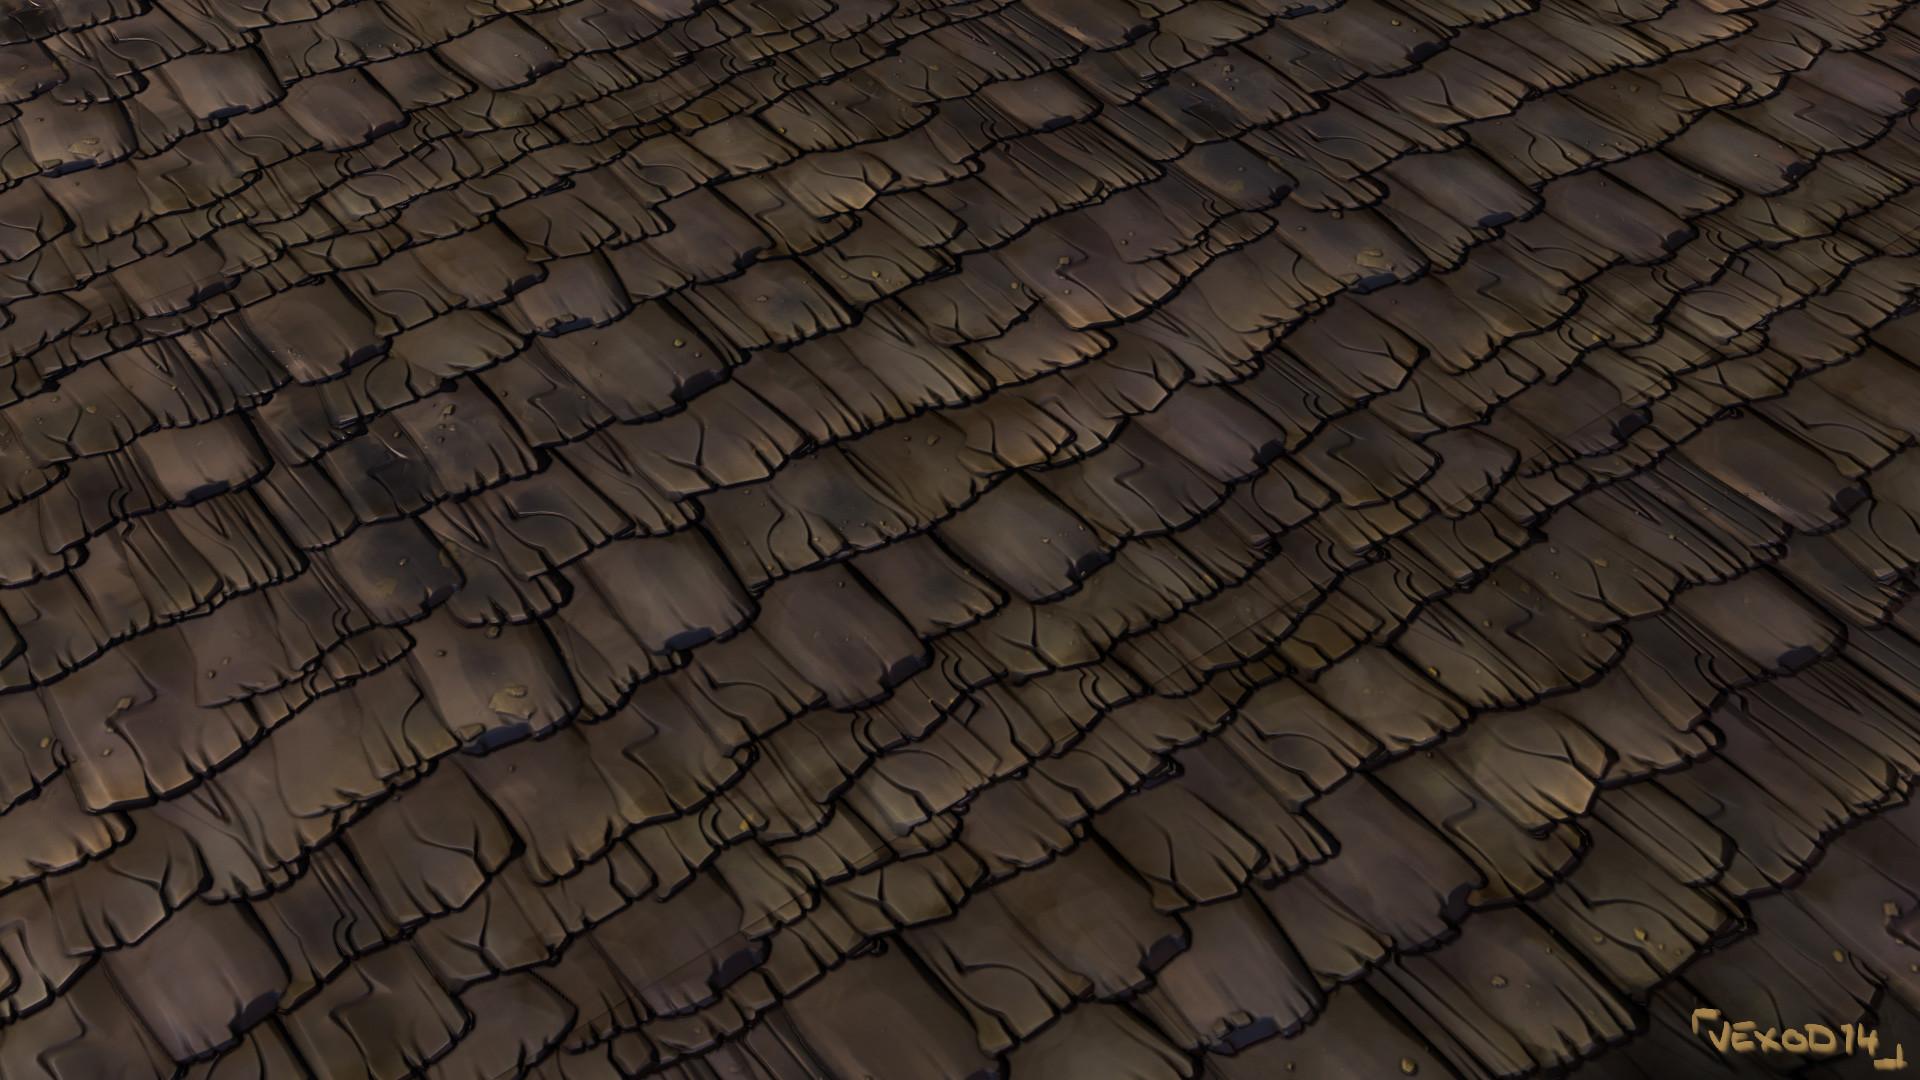 etienne-beschet-texturing-tile-rooftiles